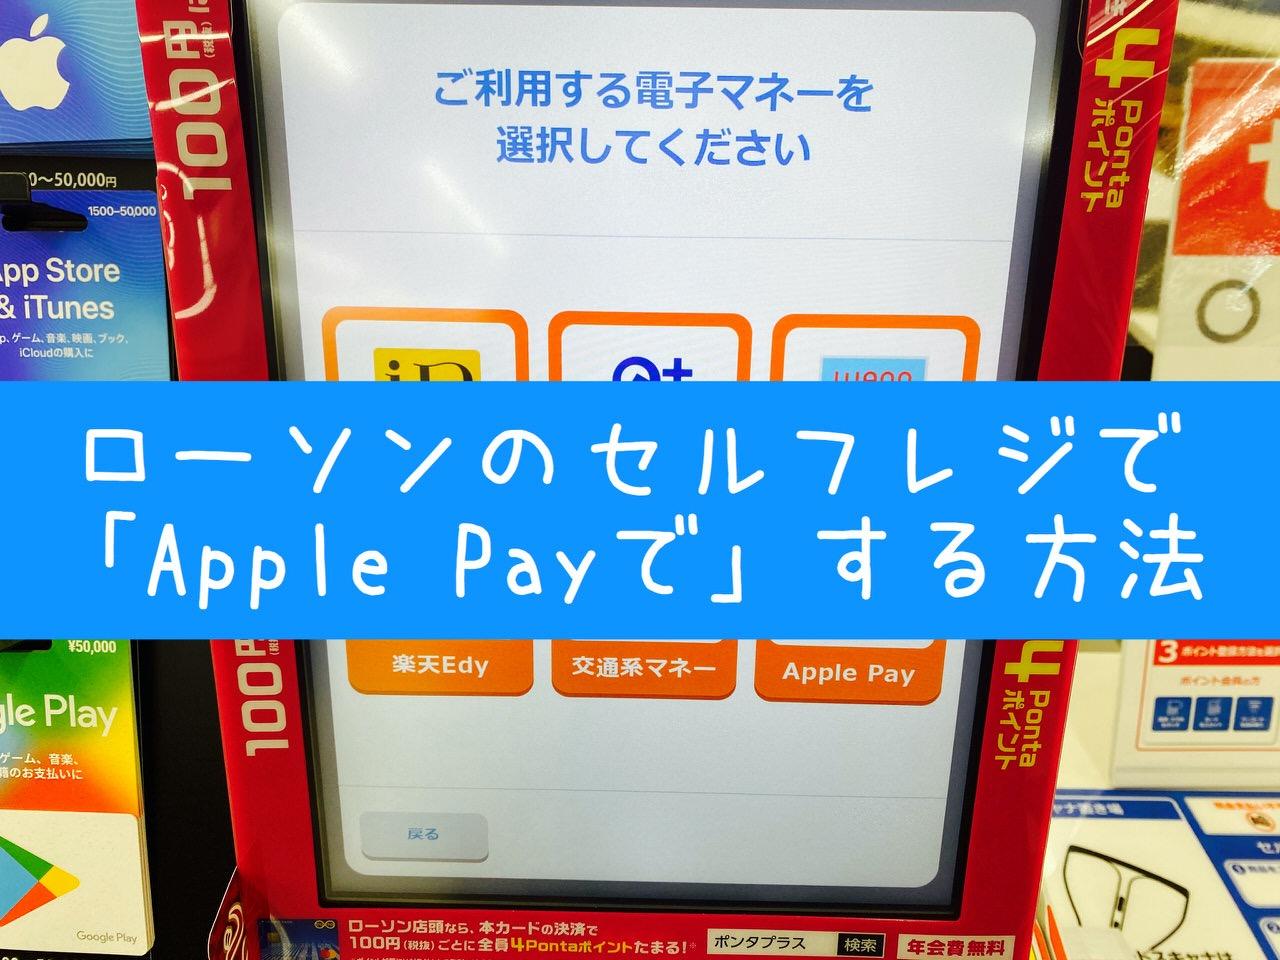 【ローソン】セルフレジで「Apple Payで」する方法